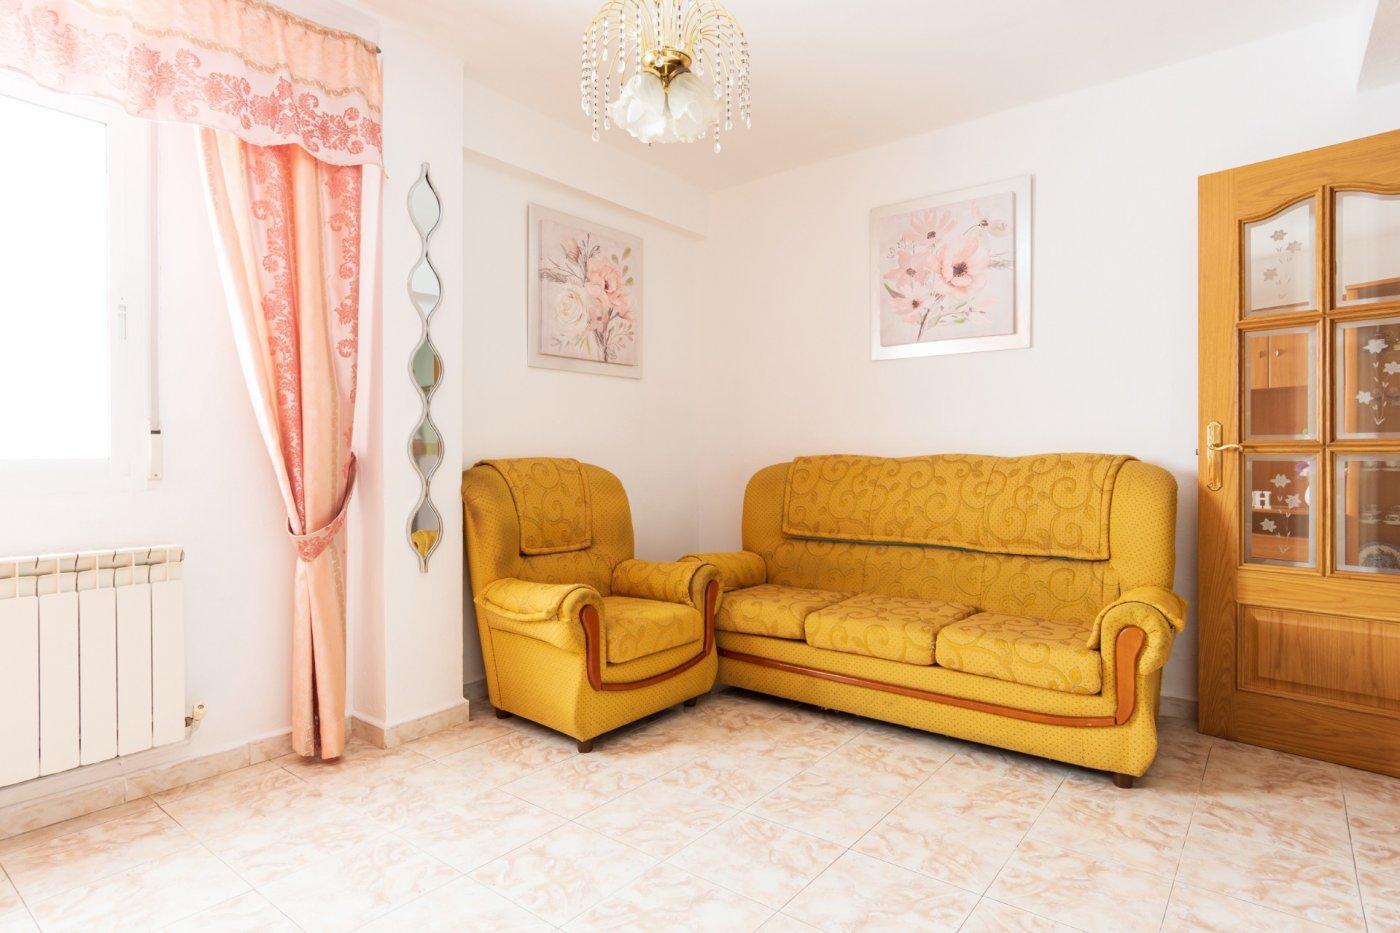 Venta de piso en zaragoza - imagenInmueble15